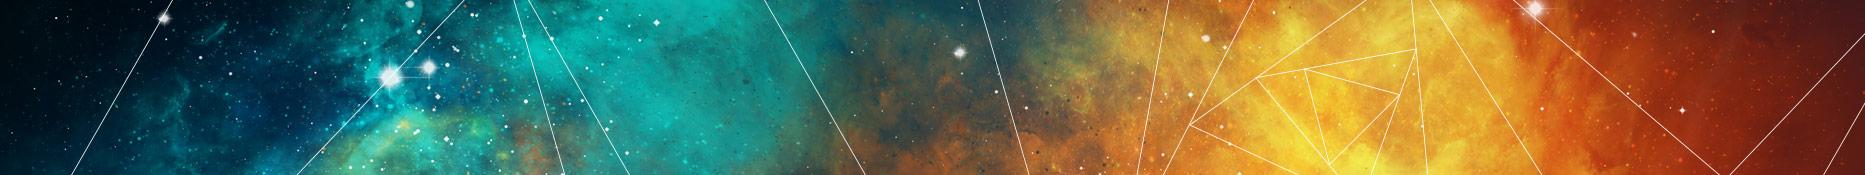 Background star 5